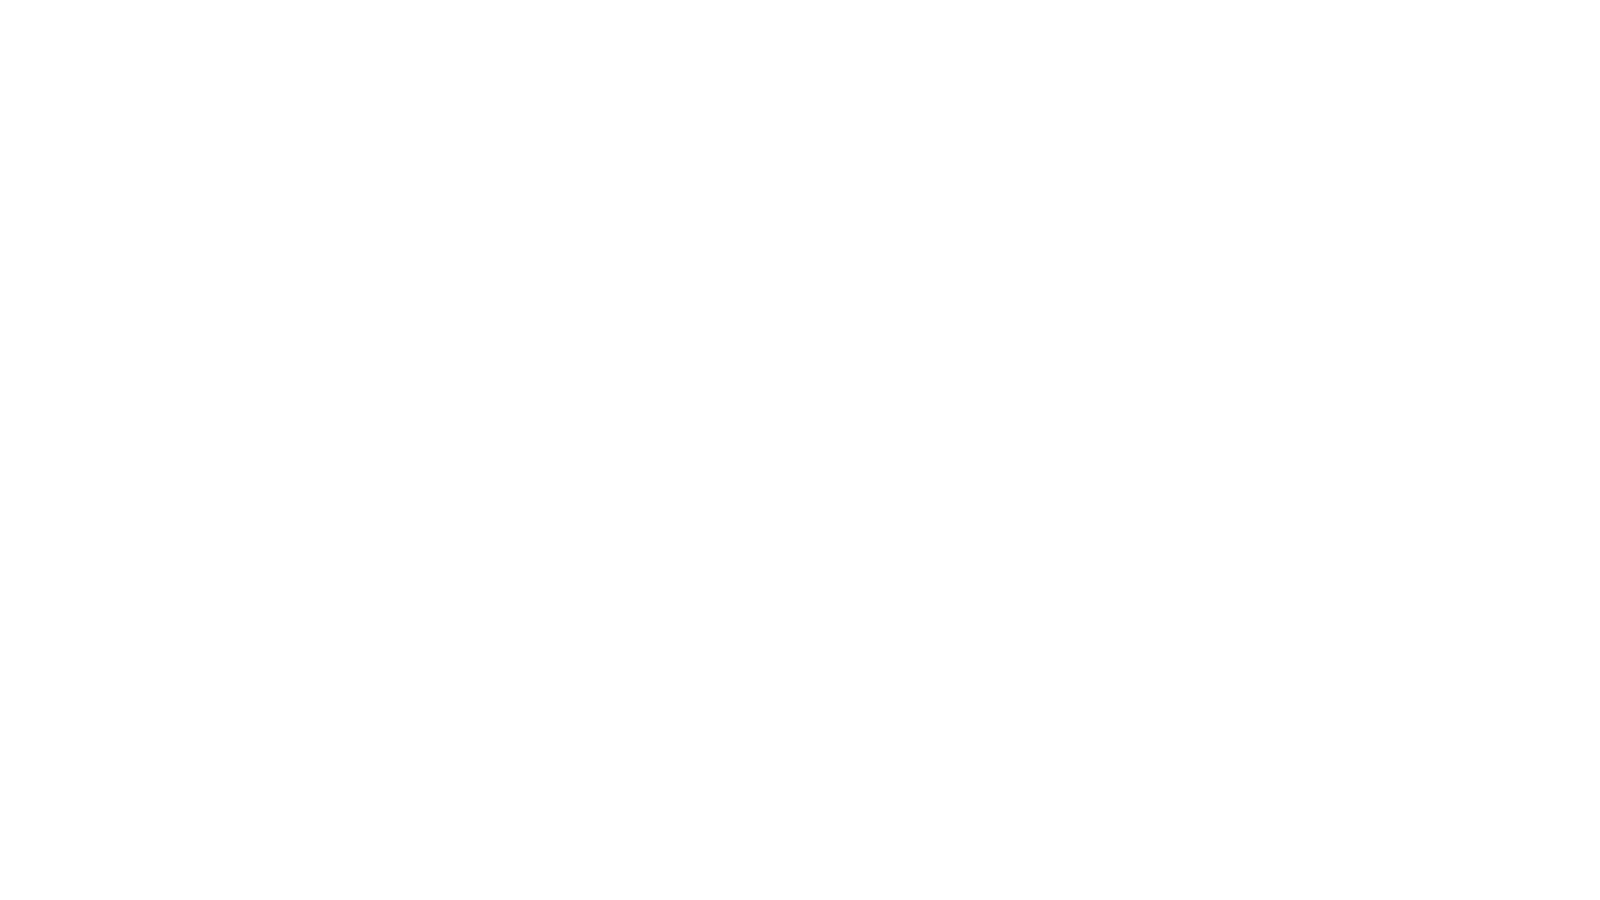 Enderal: Forgotten Stories: Wieso ist jetzt der perfekte Zeitpunkt, um es zu spielen und was macht es so besonders? Ich sage es euch.  Social Media: https://www.twitch.tv/followpawl https://www.instagram.com/followpawl https://www.twitter.com/followpawl https://discord.gg/td6hGtp TikTok: @followpawl  https://www.gaming-grounds.de